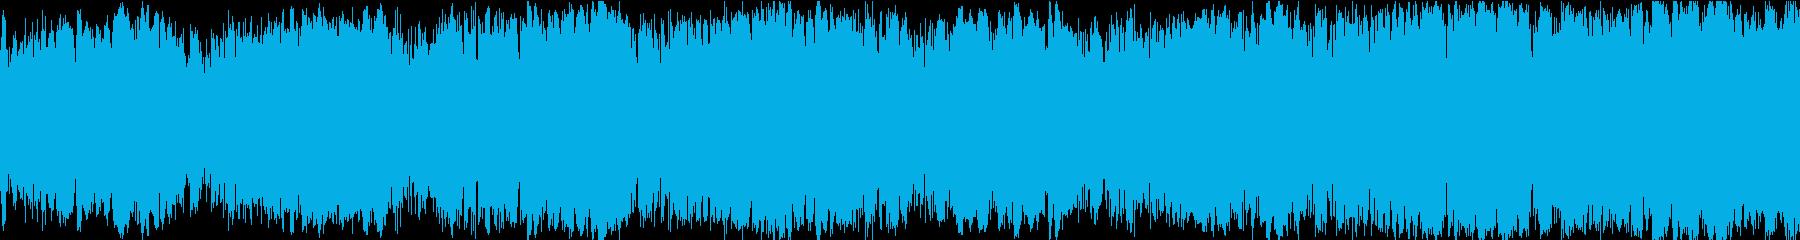 ドラマチックEDMループサウンドの再生済みの波形